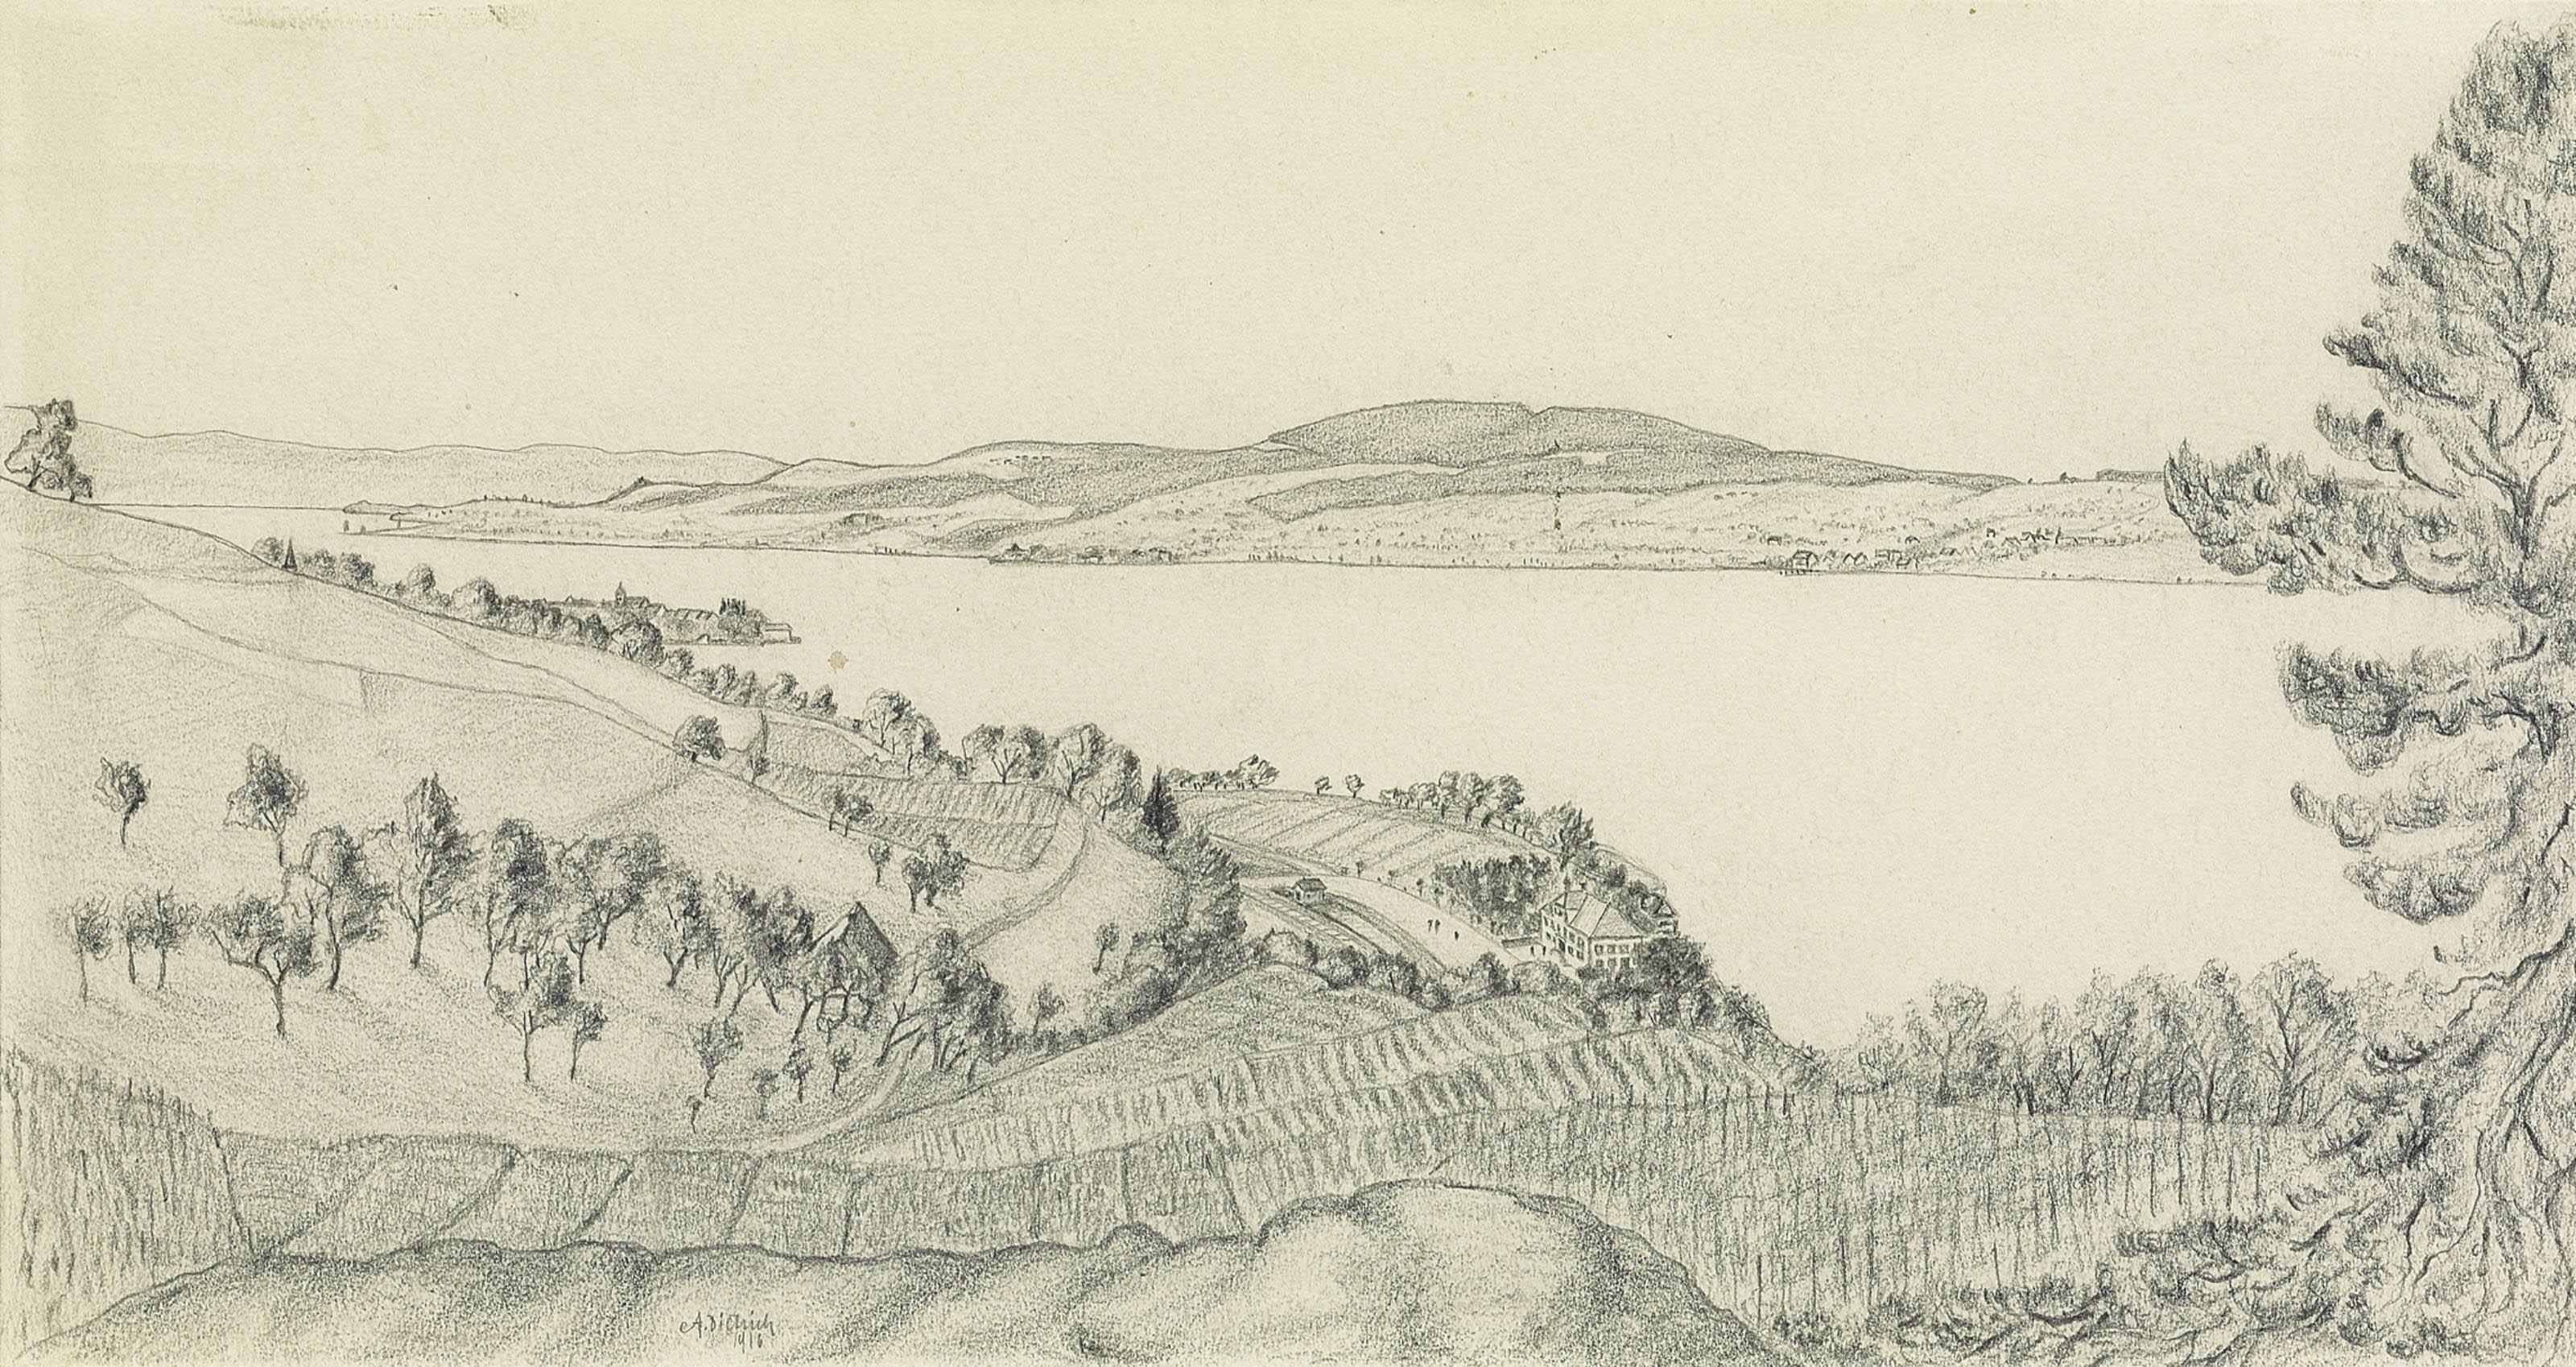 Blick auf Jakobstal und Steckborn am Untersee, 1916